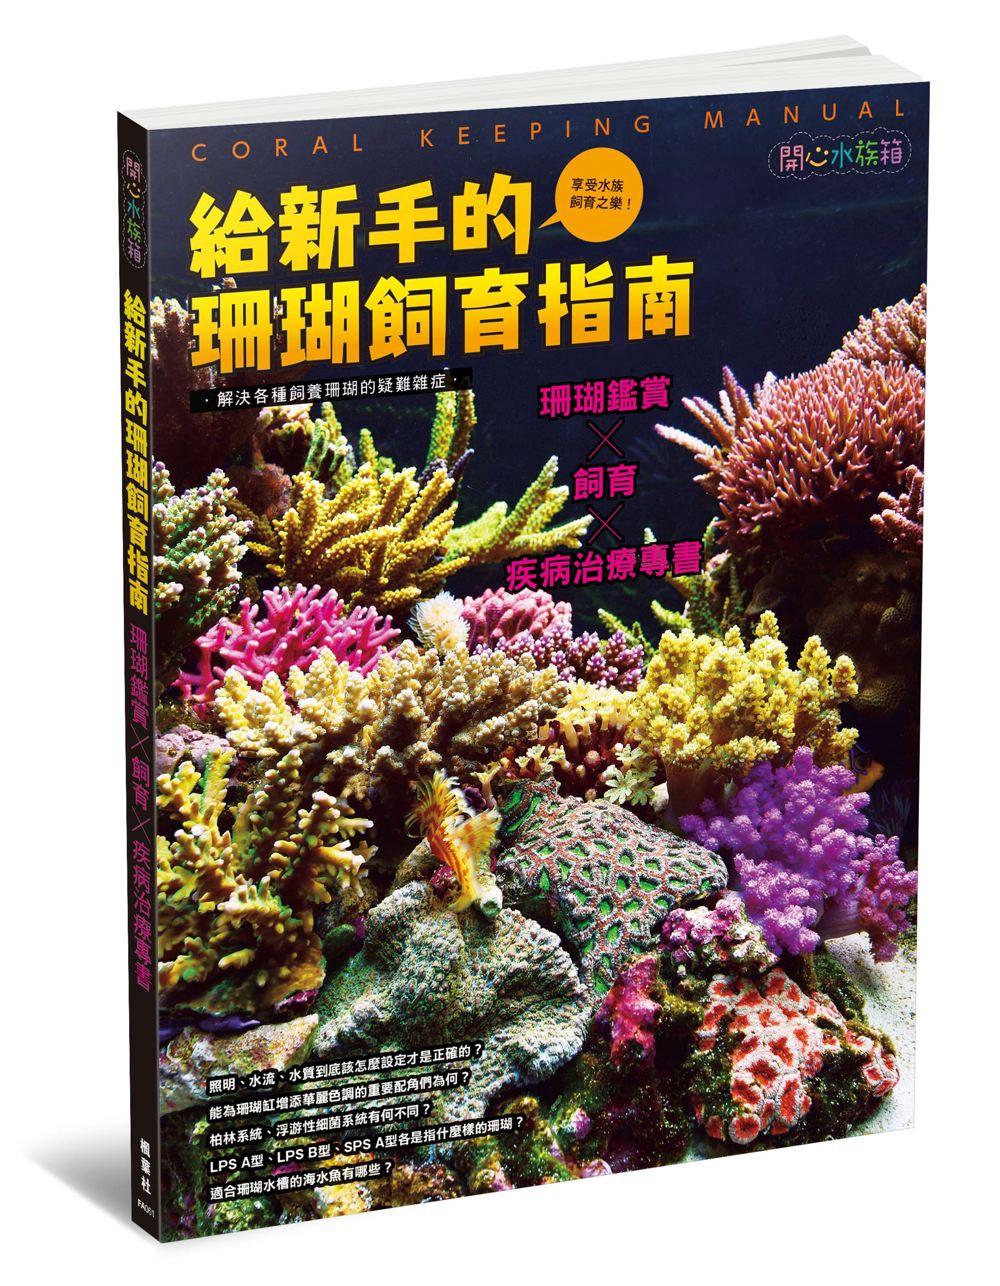 給新手的珊瑚飼育指南